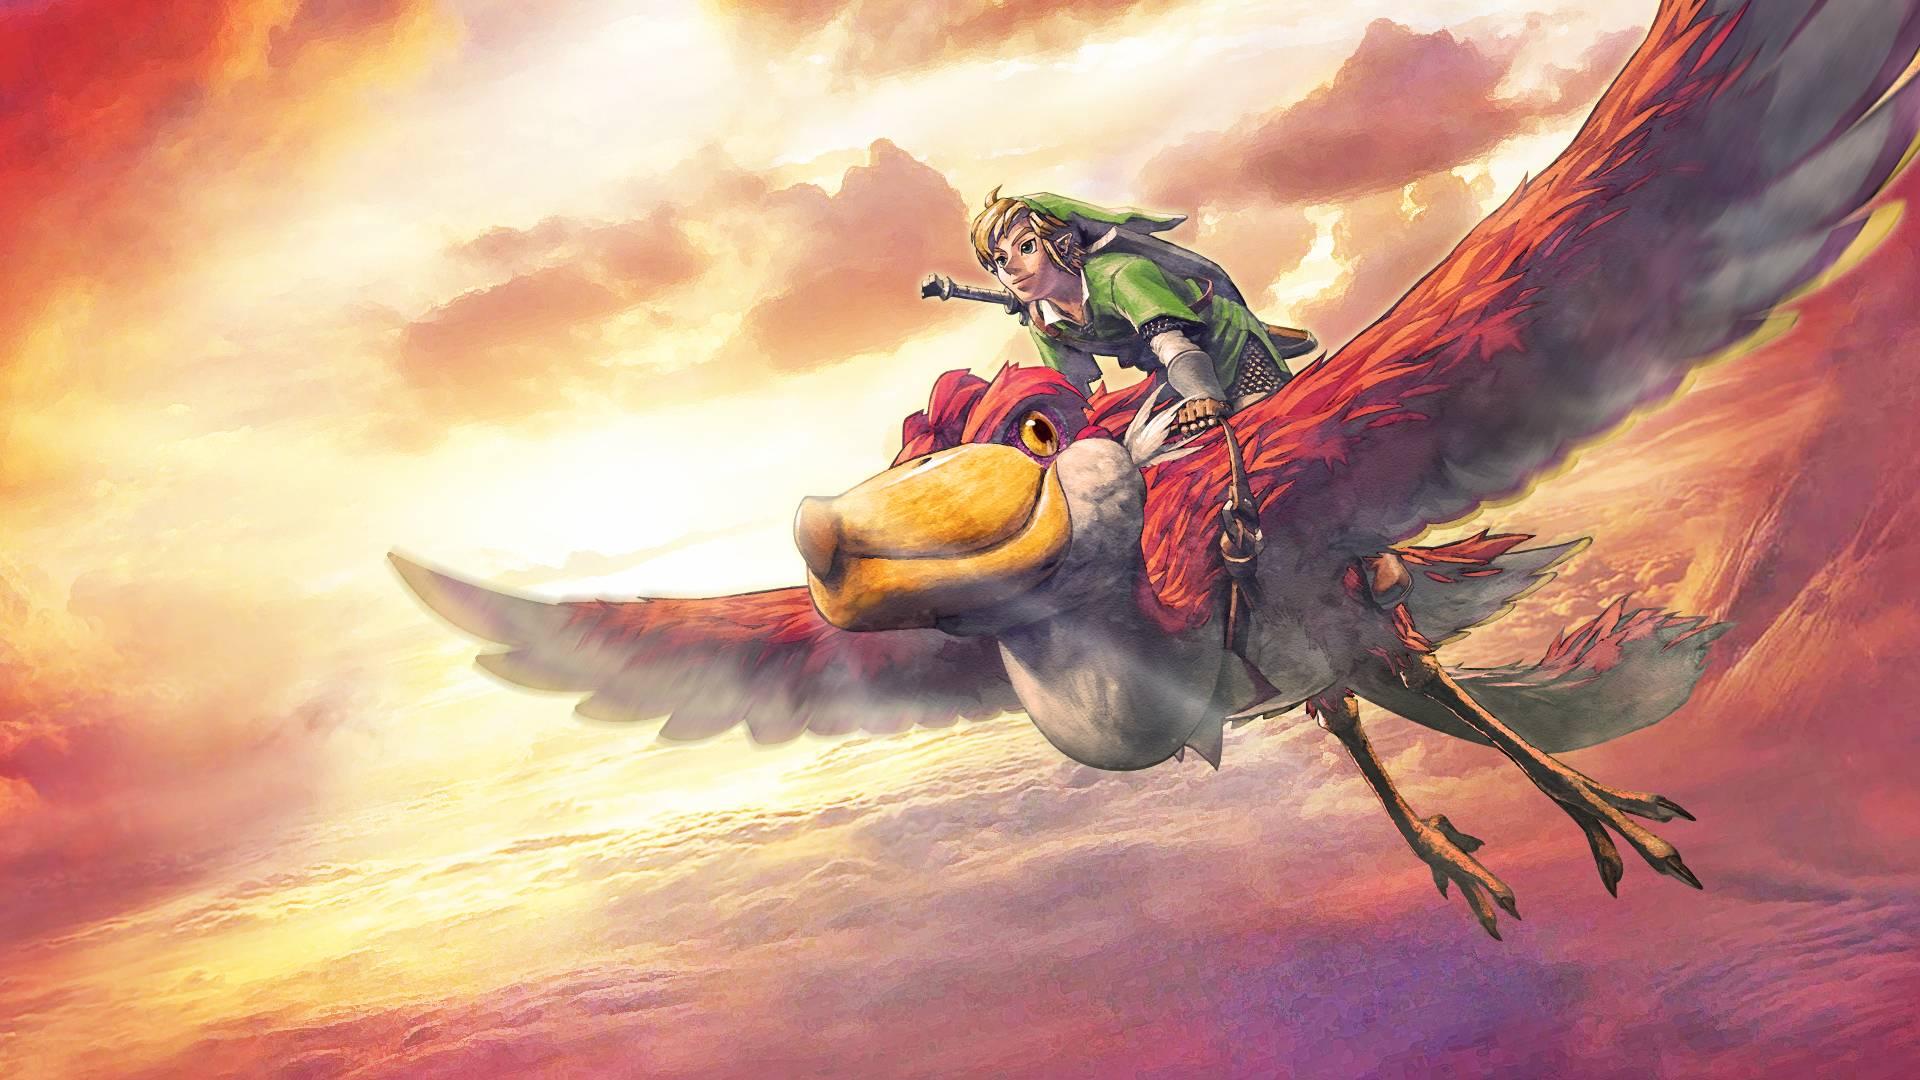 Legend Of Zelda Wallpaper 1920x1080: The Legend Of Zelda: Skyward Sword HD Wallpaper